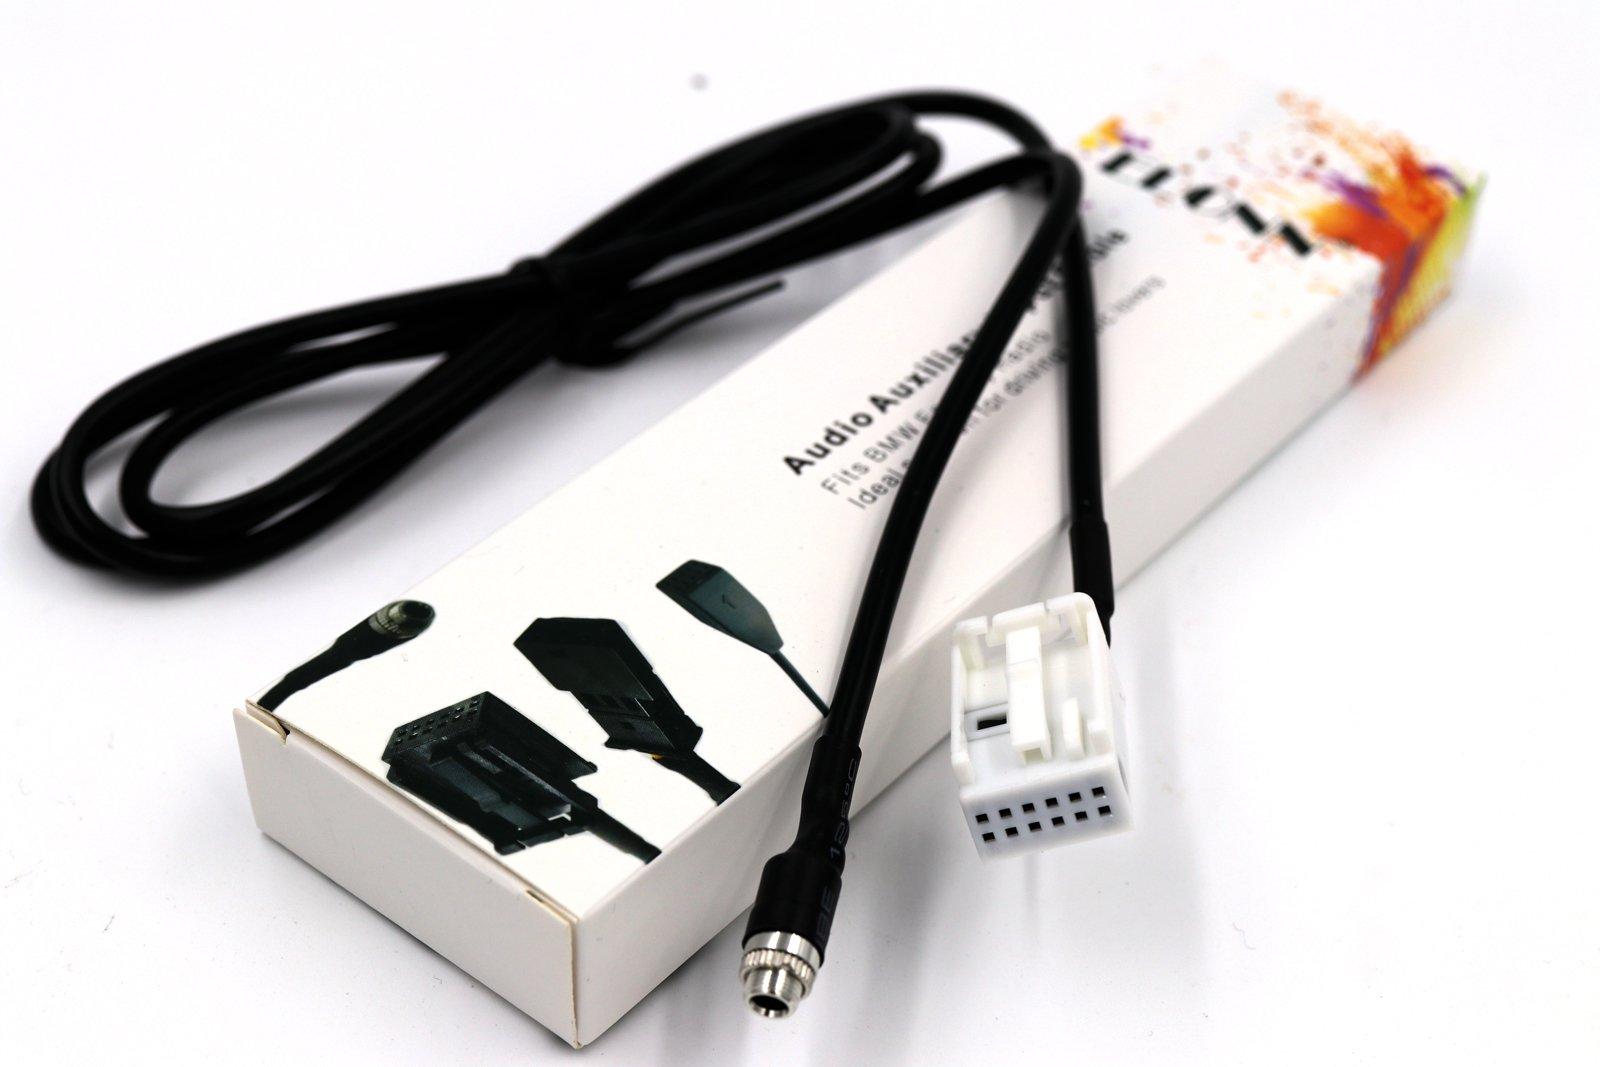 ELONN BMW Audio Auxiliary Input Cable for BMW E60 E61 E63 E64,CD-like Sound Quality